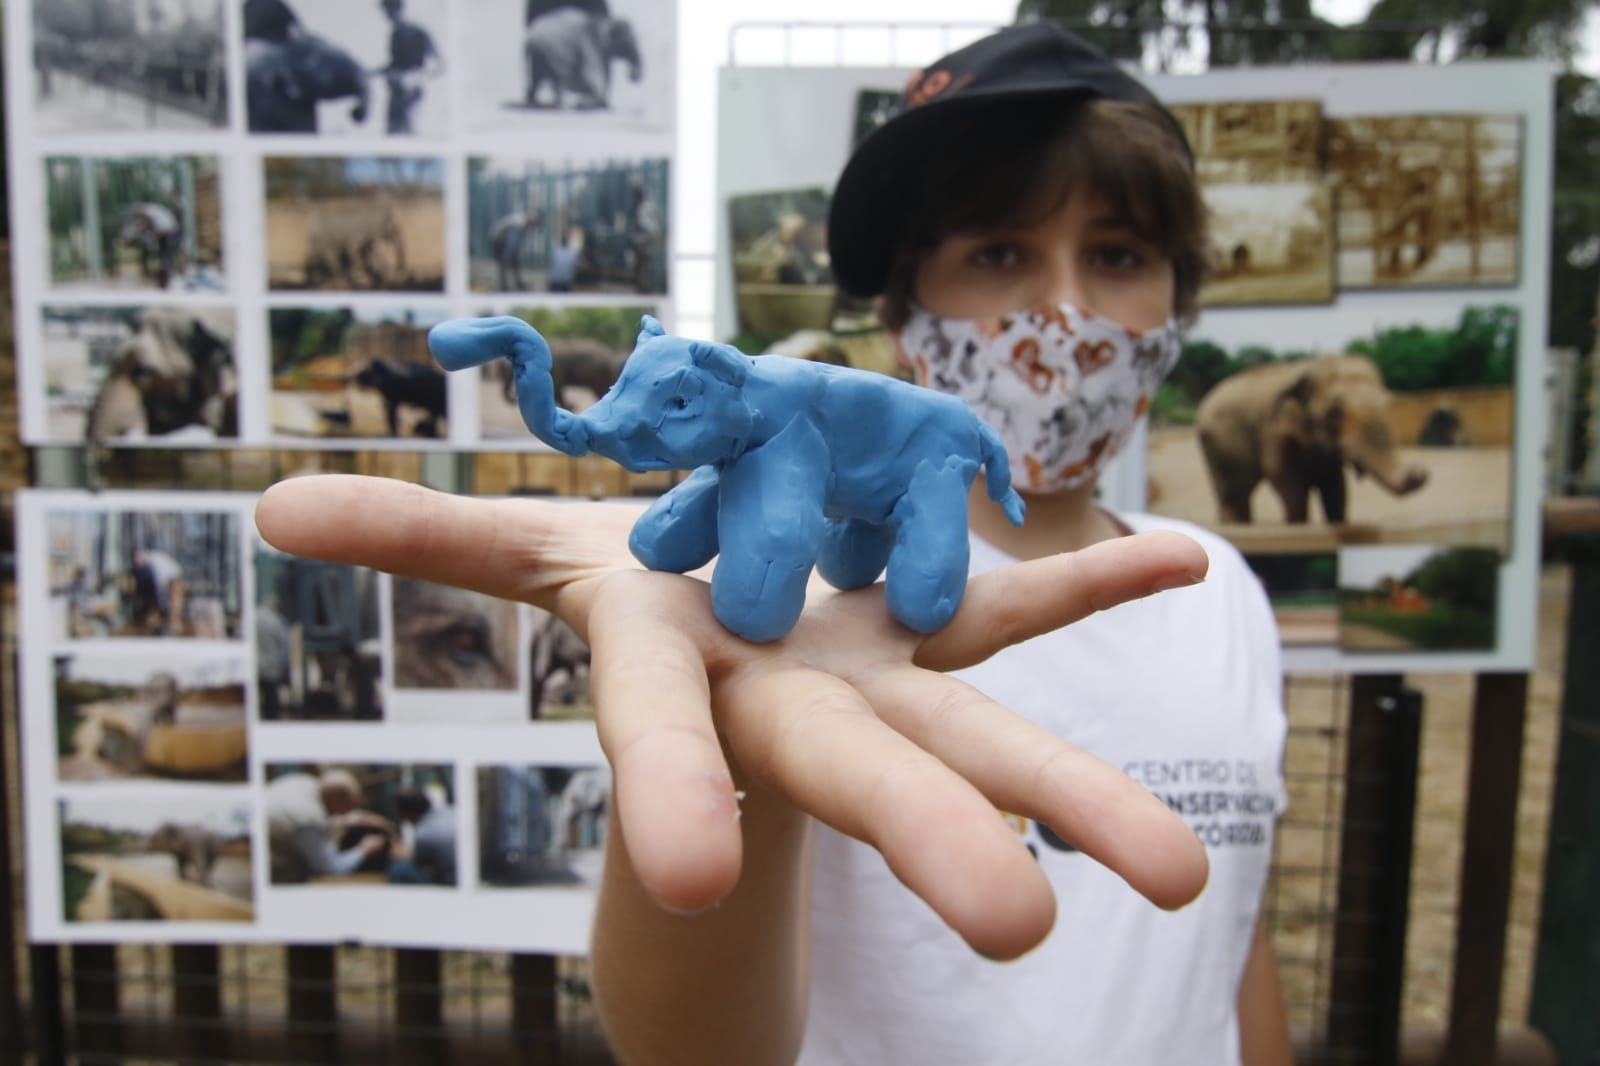 Una escultura recuerda a la elefanta Flavia, emblema del Zoo durante décadas